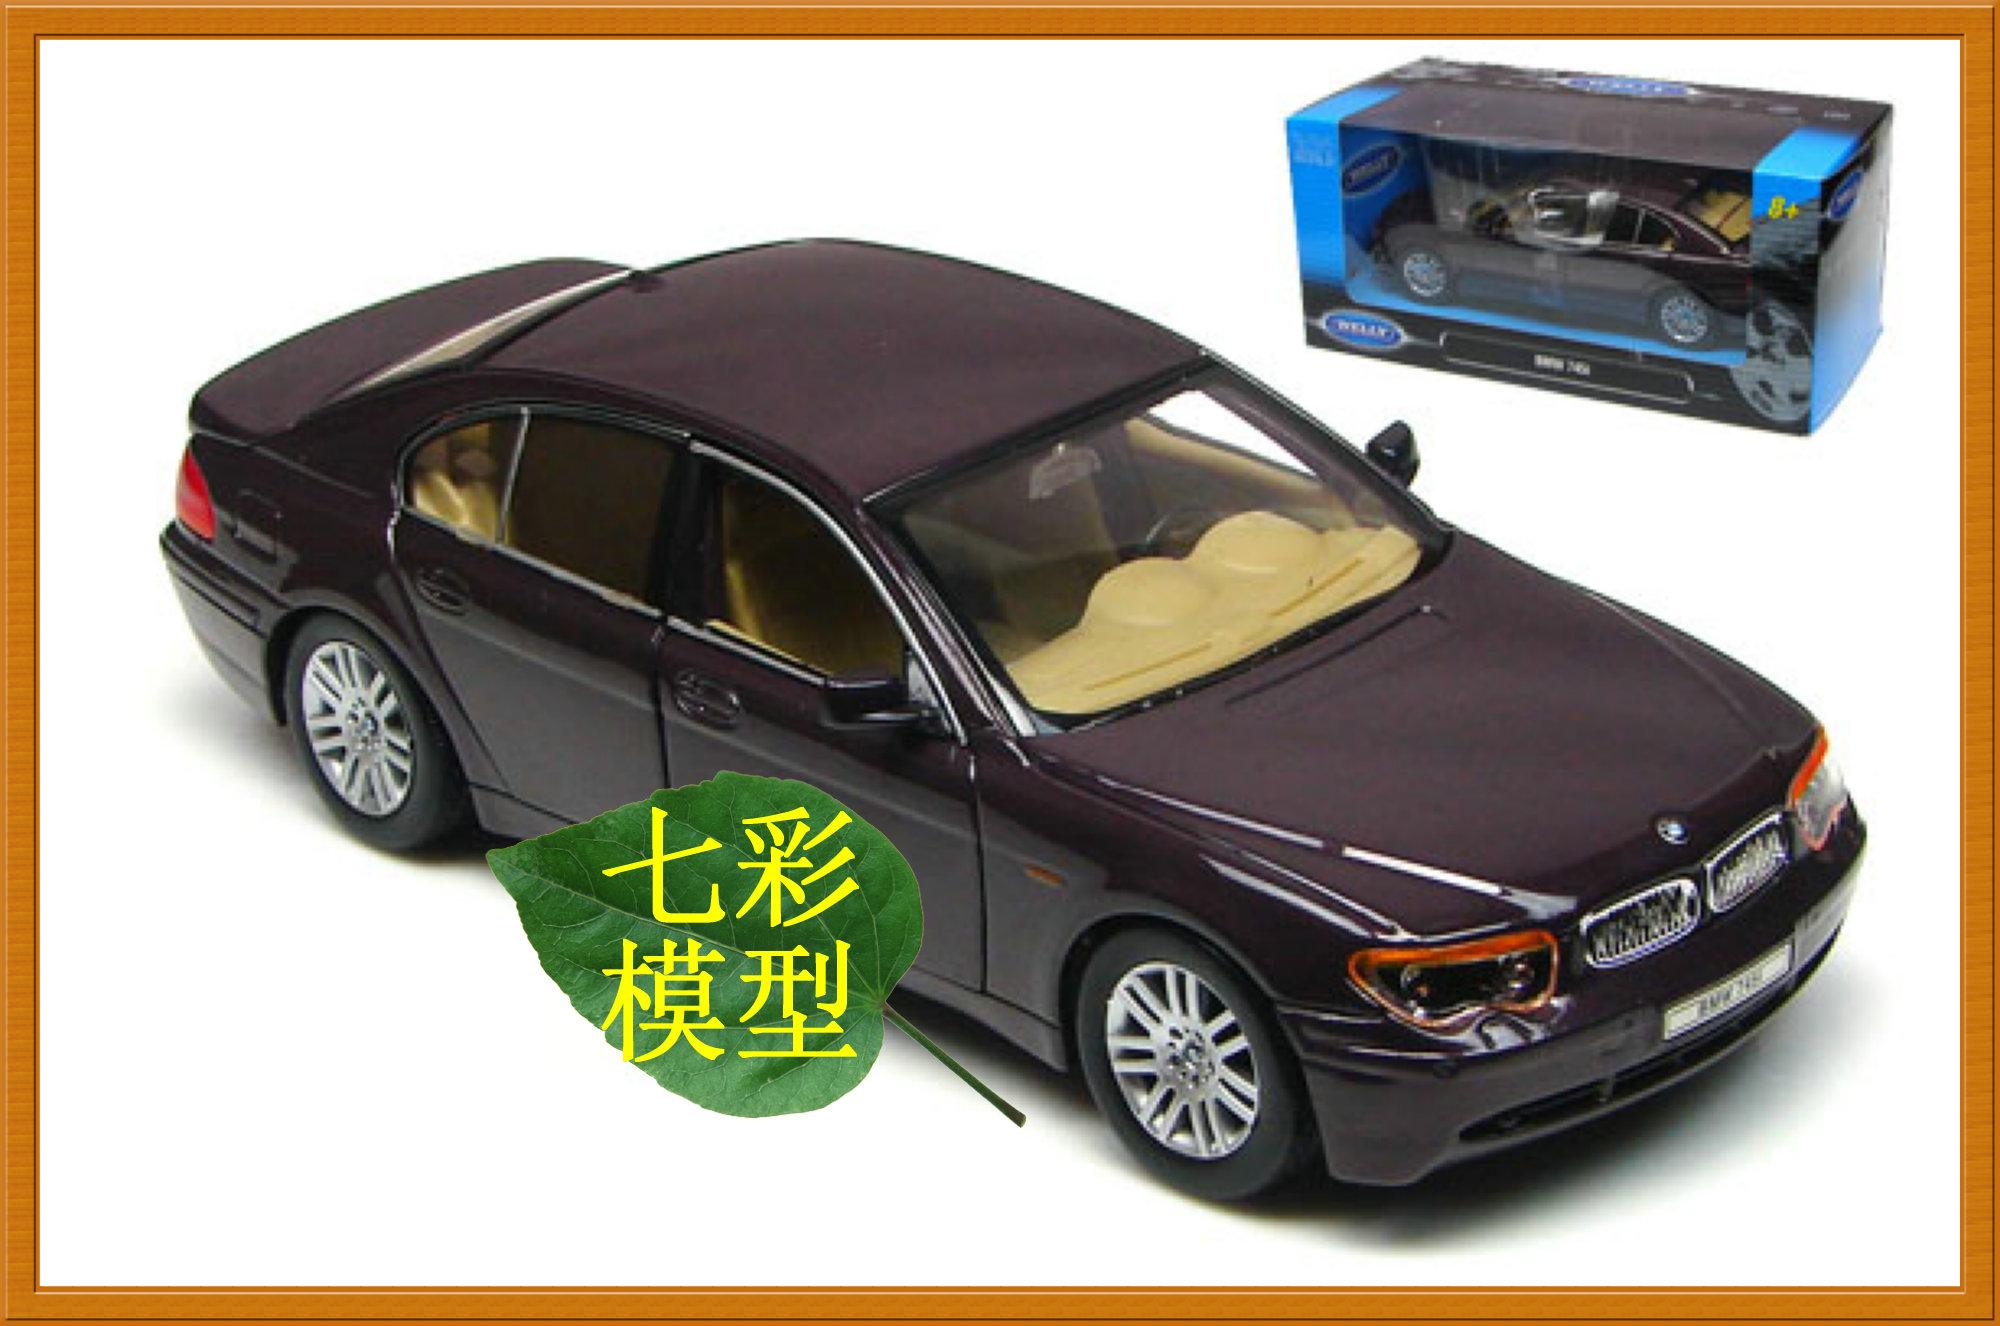 「尊雅】シミュレーション合金静態車のモデルWellyウィリーいち:24 BMW 745i合金モデル